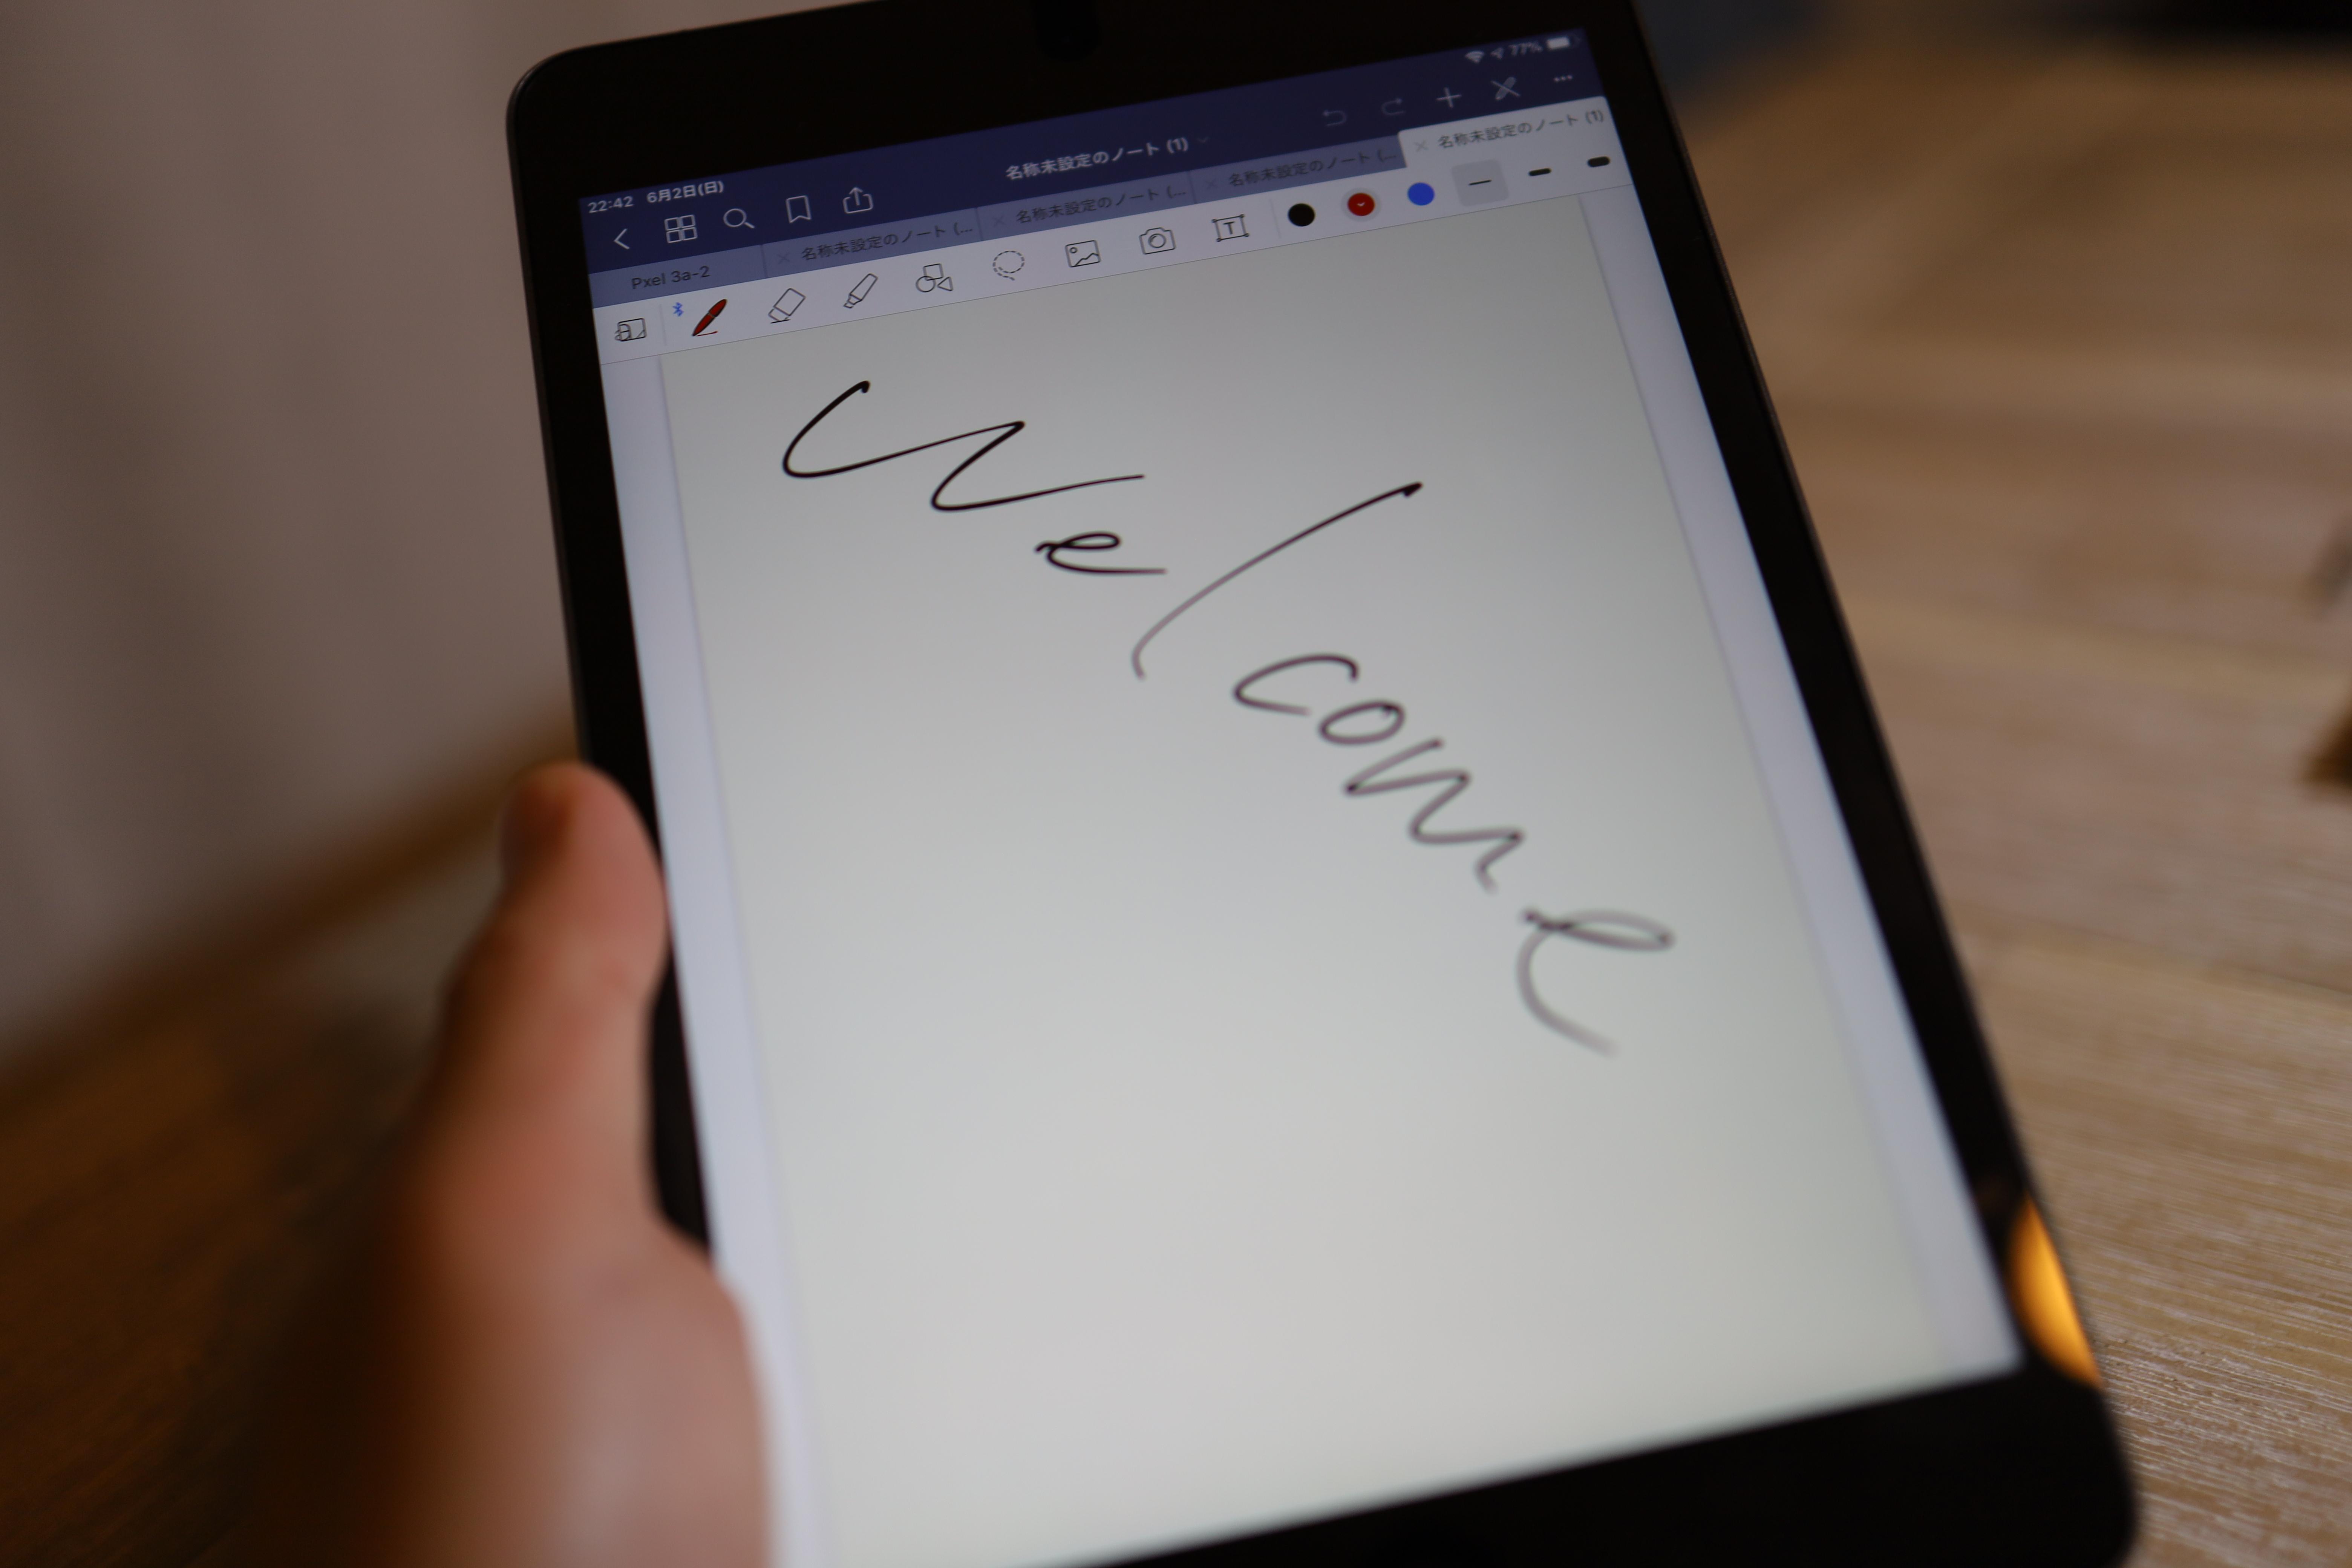 iPad mini 5は防水防塵に非対応。おすすめ防水ケース3選や水没故障の対処方法も